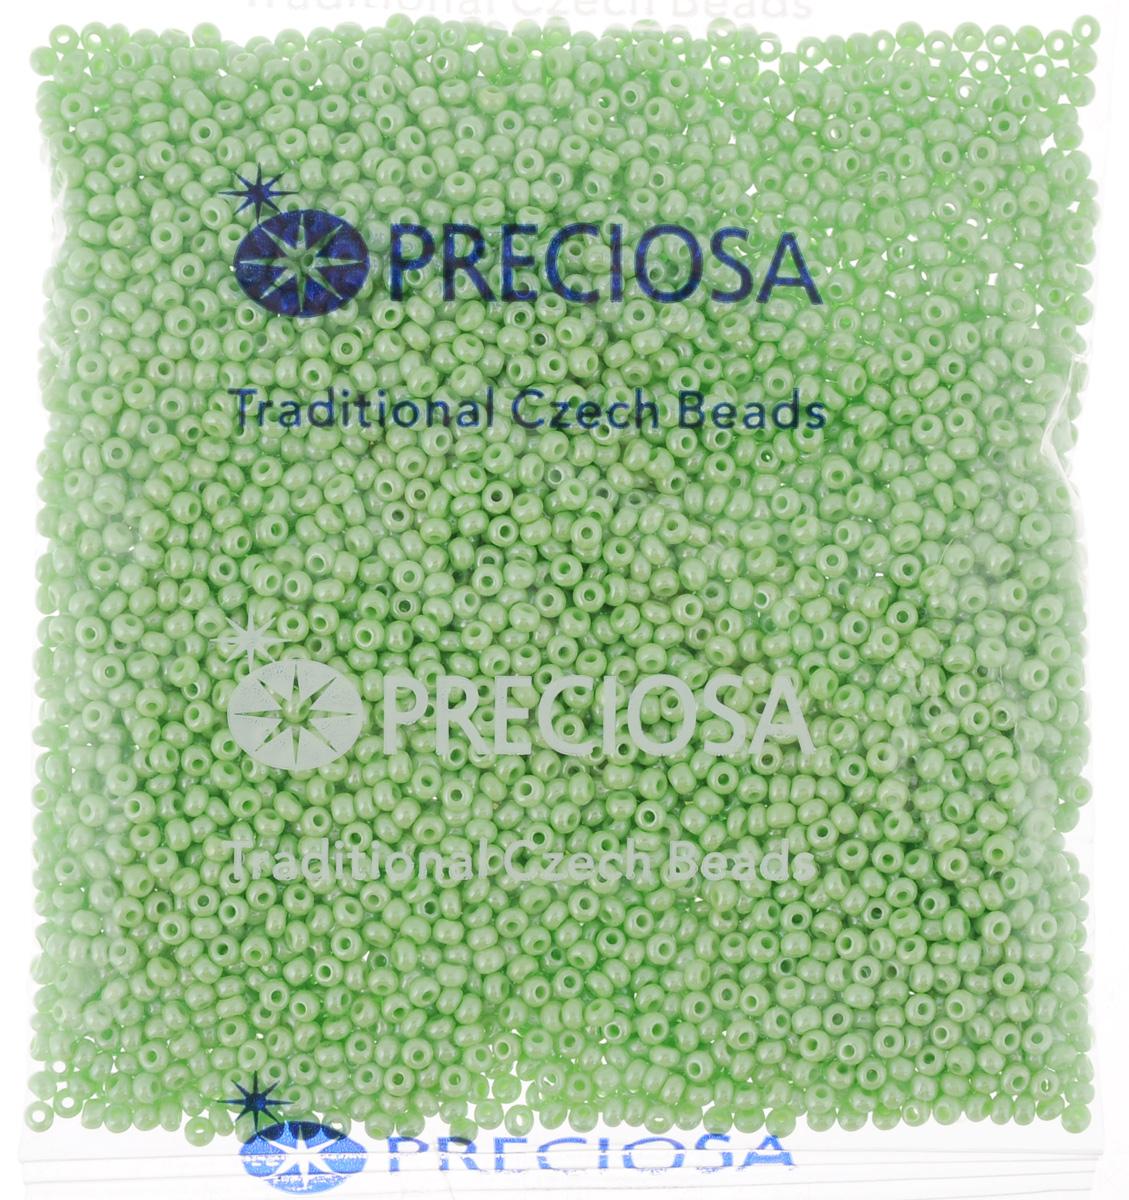 Бисер Preciosa Ассорти, непрозрачный, с радужным покрытием, цвет: зеленый (38), 10/0, 50 г163142_38_зеленыйБисер Preciosa Ассорти, изготовленный из стекла круглой формы, позволит вам своими руками создать оригинальные ожерелья, бусы или браслеты, а также заняться вышиванием. В бисероплетении часто используют бисер разных размеров и цветов. Он идеально подойдет для вышивания на предметах быта и женской одежде. Изготовление украшений - занимательное хобби и реализация творческих способностей рукодельницы, это возможность создания неповторимого индивидуального подарка.